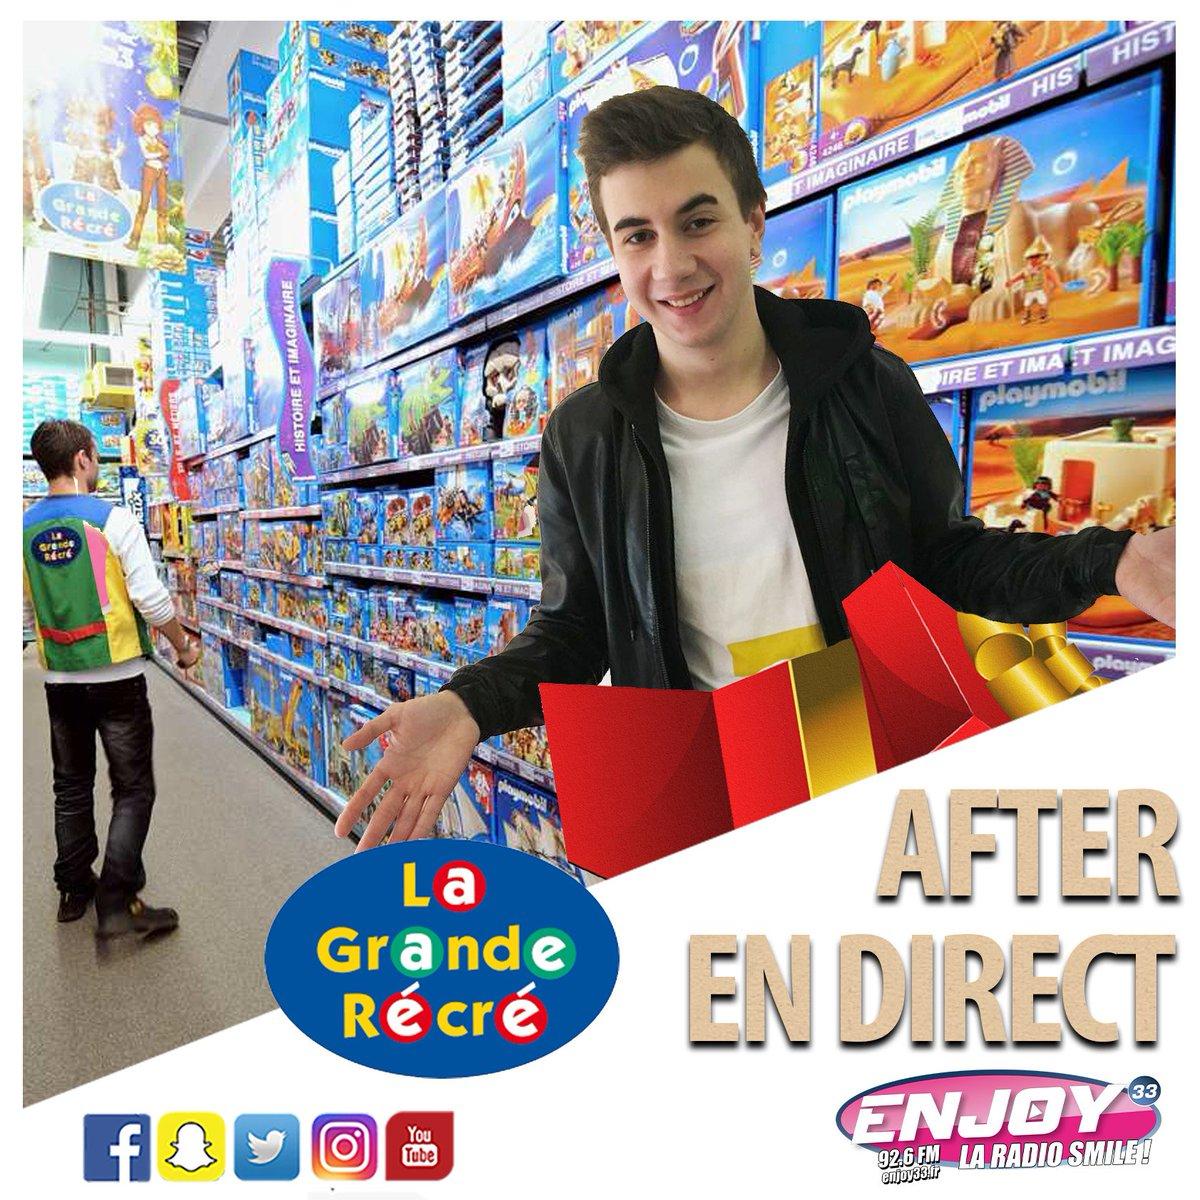 Ce #Vendredi #aprem : EMISSION SPECIALE #Noel2016 #radio #Bordeaux #Enjoy33 !!! #LaGrandeRécré #Villenave<br>http://pic.twitter.com/1ODPt0DBTT